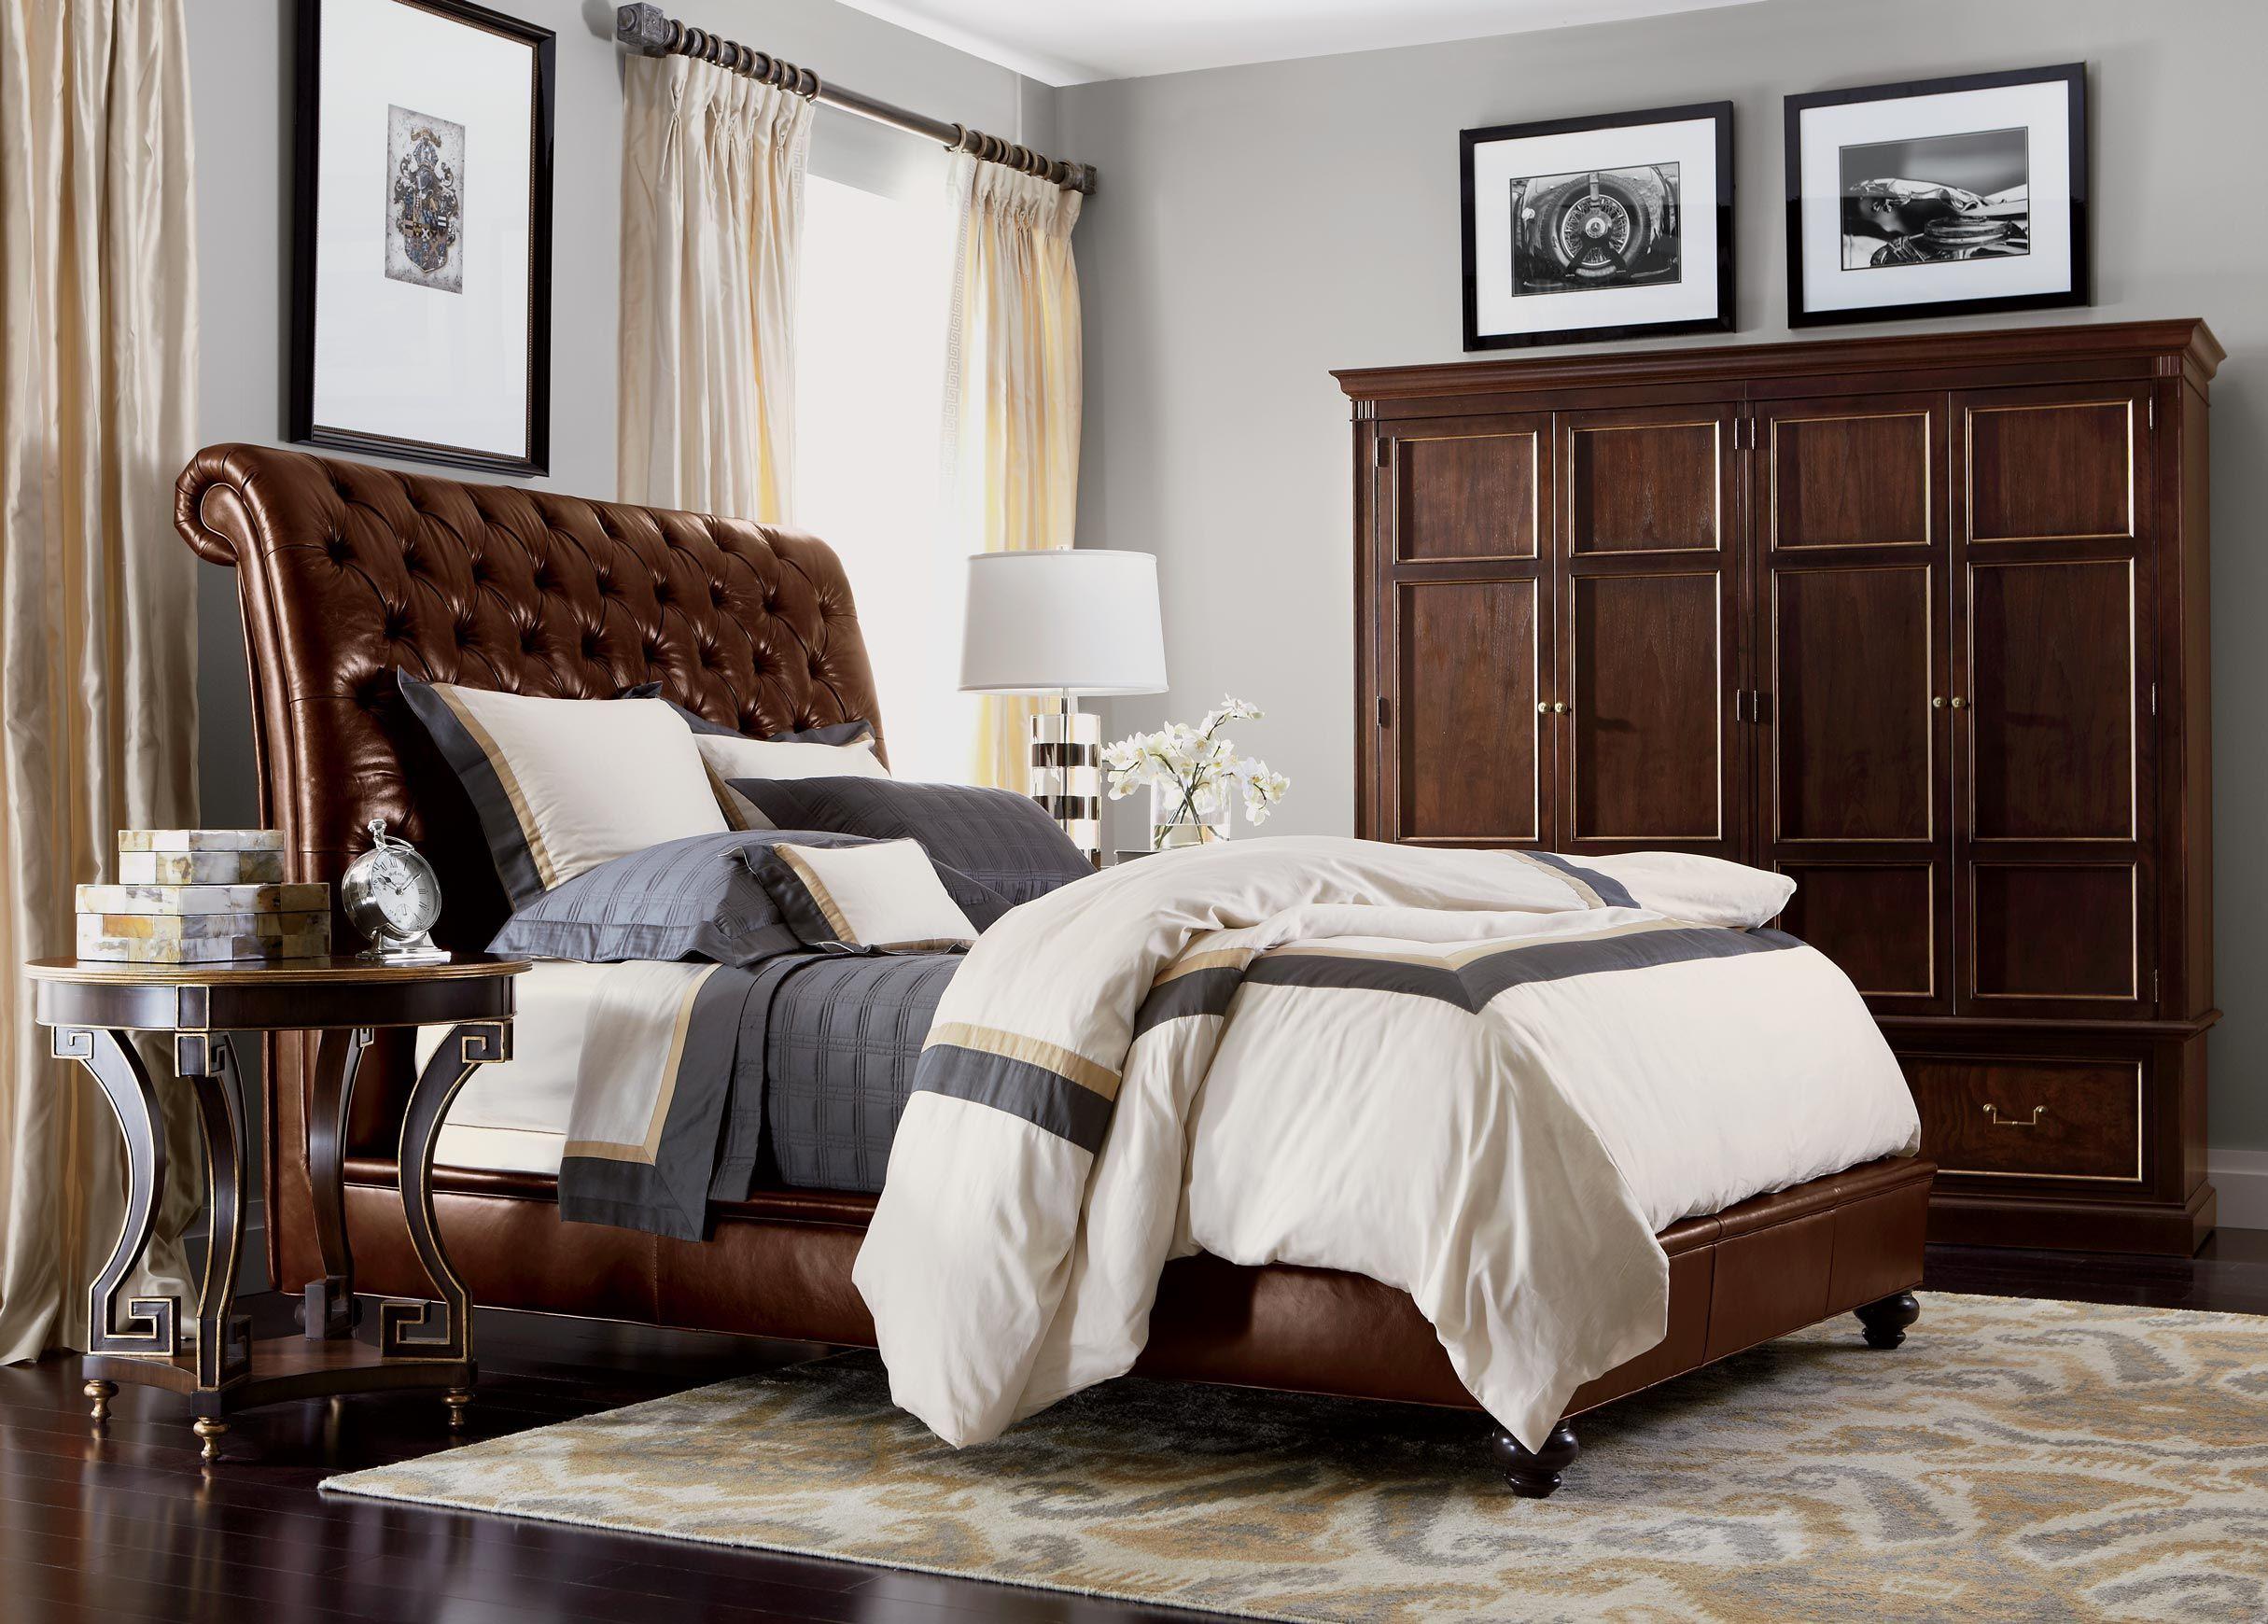 Deluxe Comfort Bedroom Ethan Allen Brown furniture